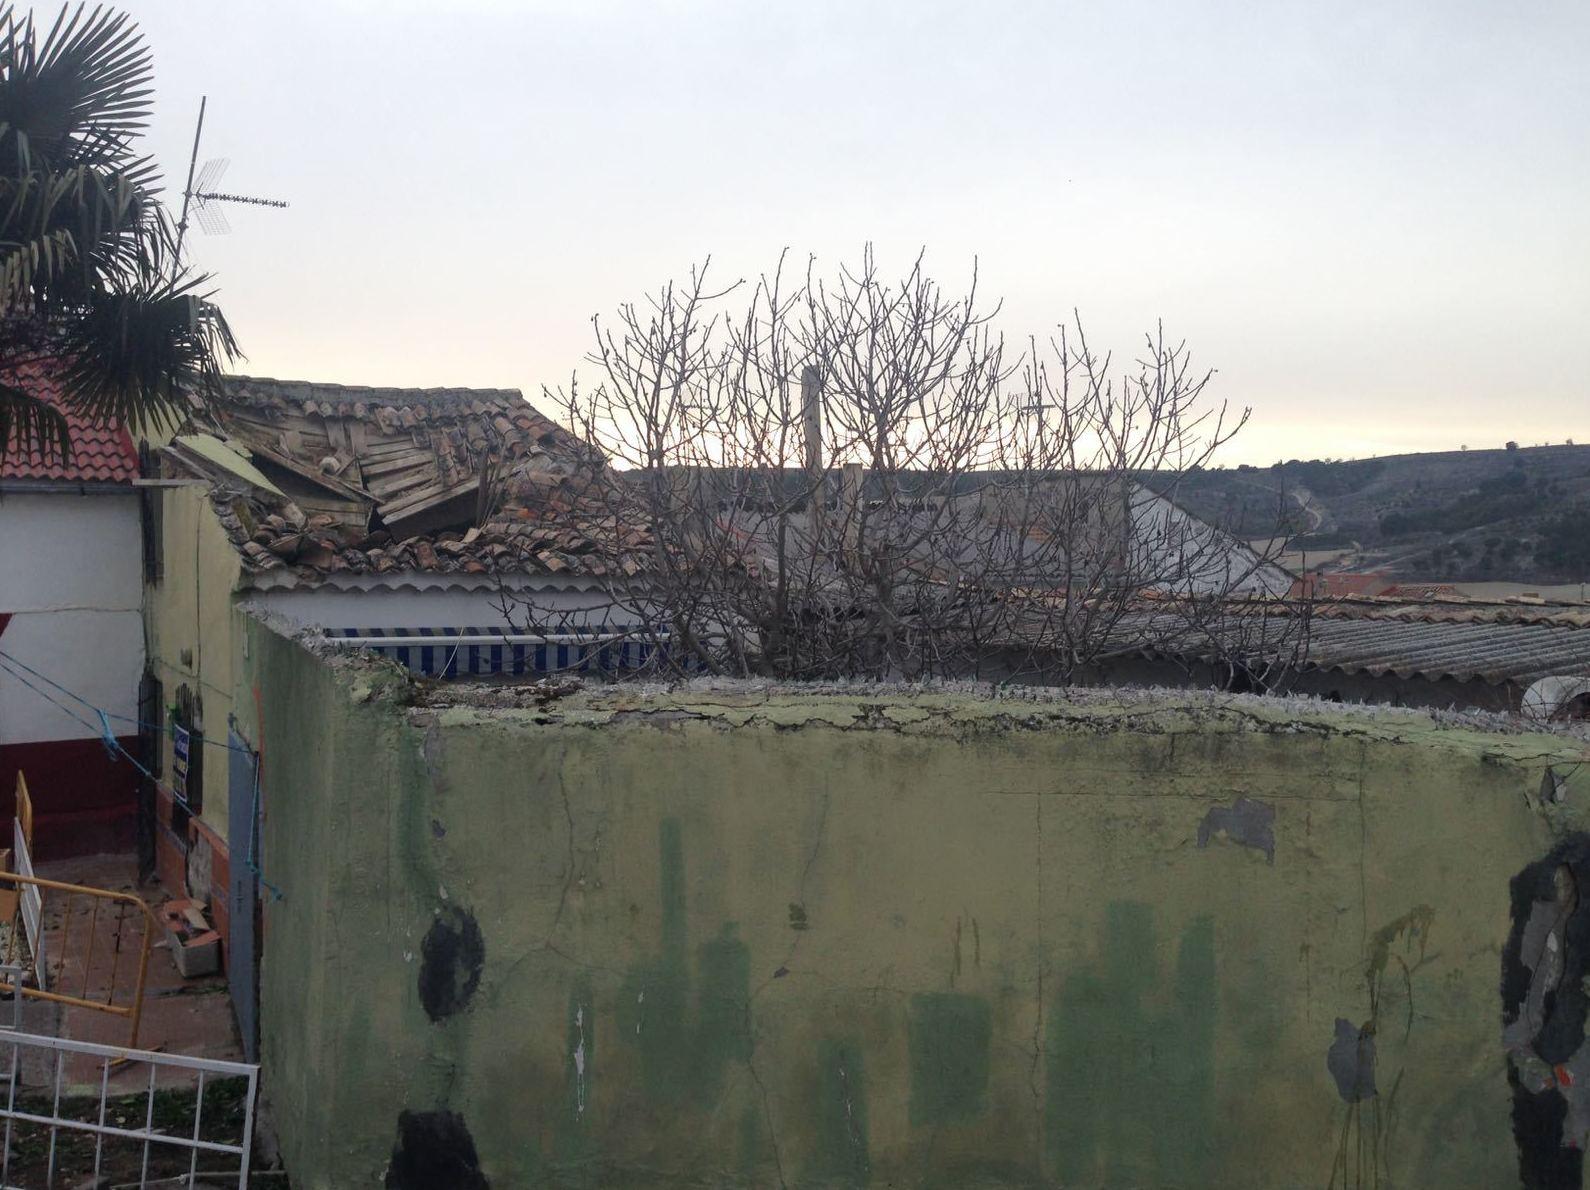 Retirada de amianto en Villavaquerín (Valladolid)